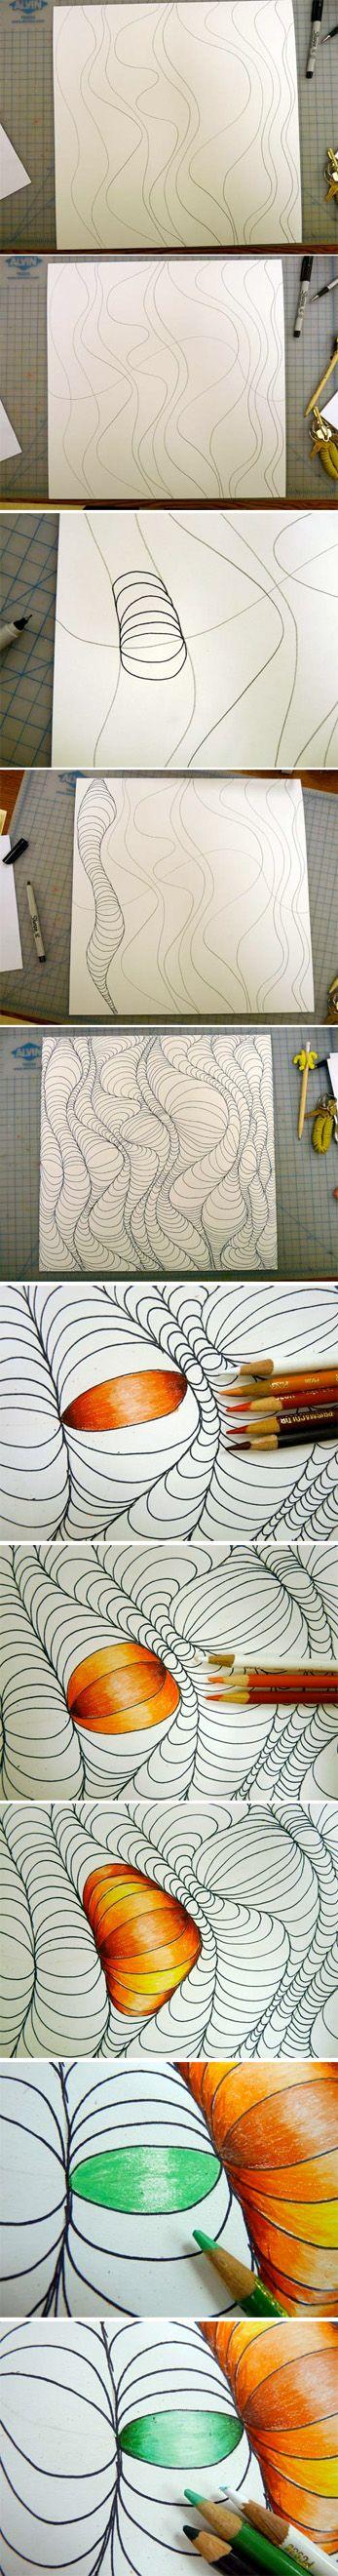 Diseños con ilusiones ópticas